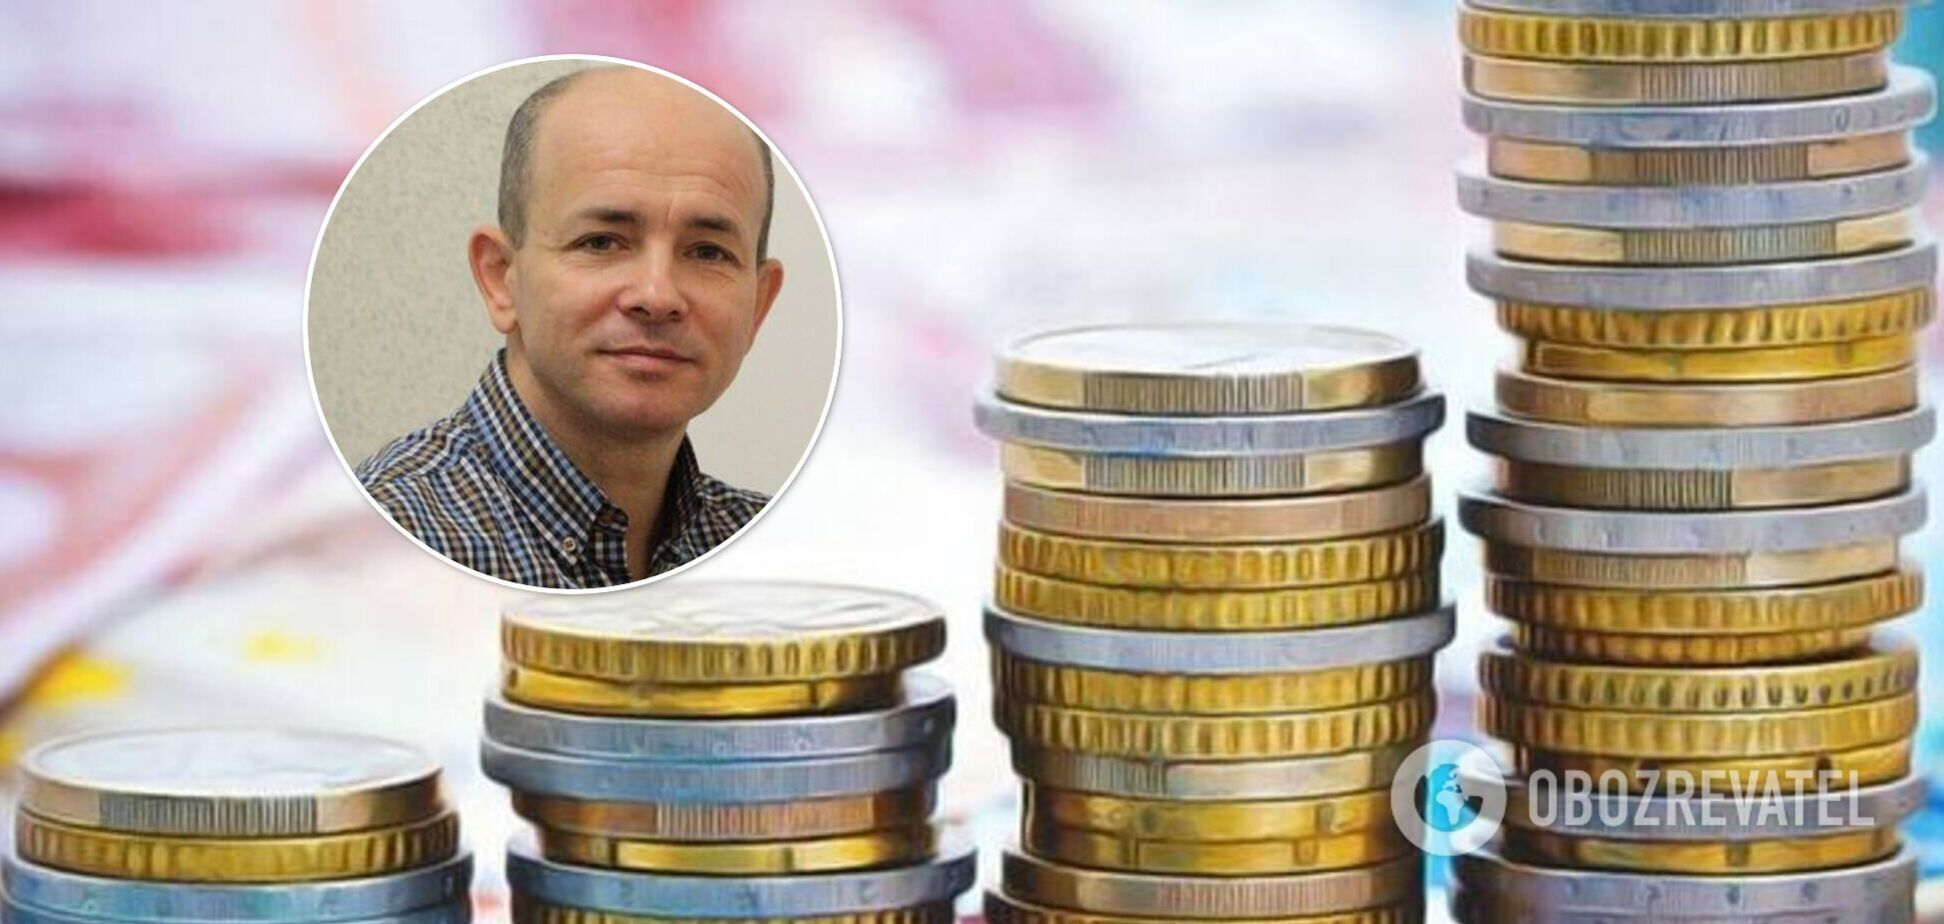 Власти вводят новые налоги под видом налоговой амнистии, – Кушнирук